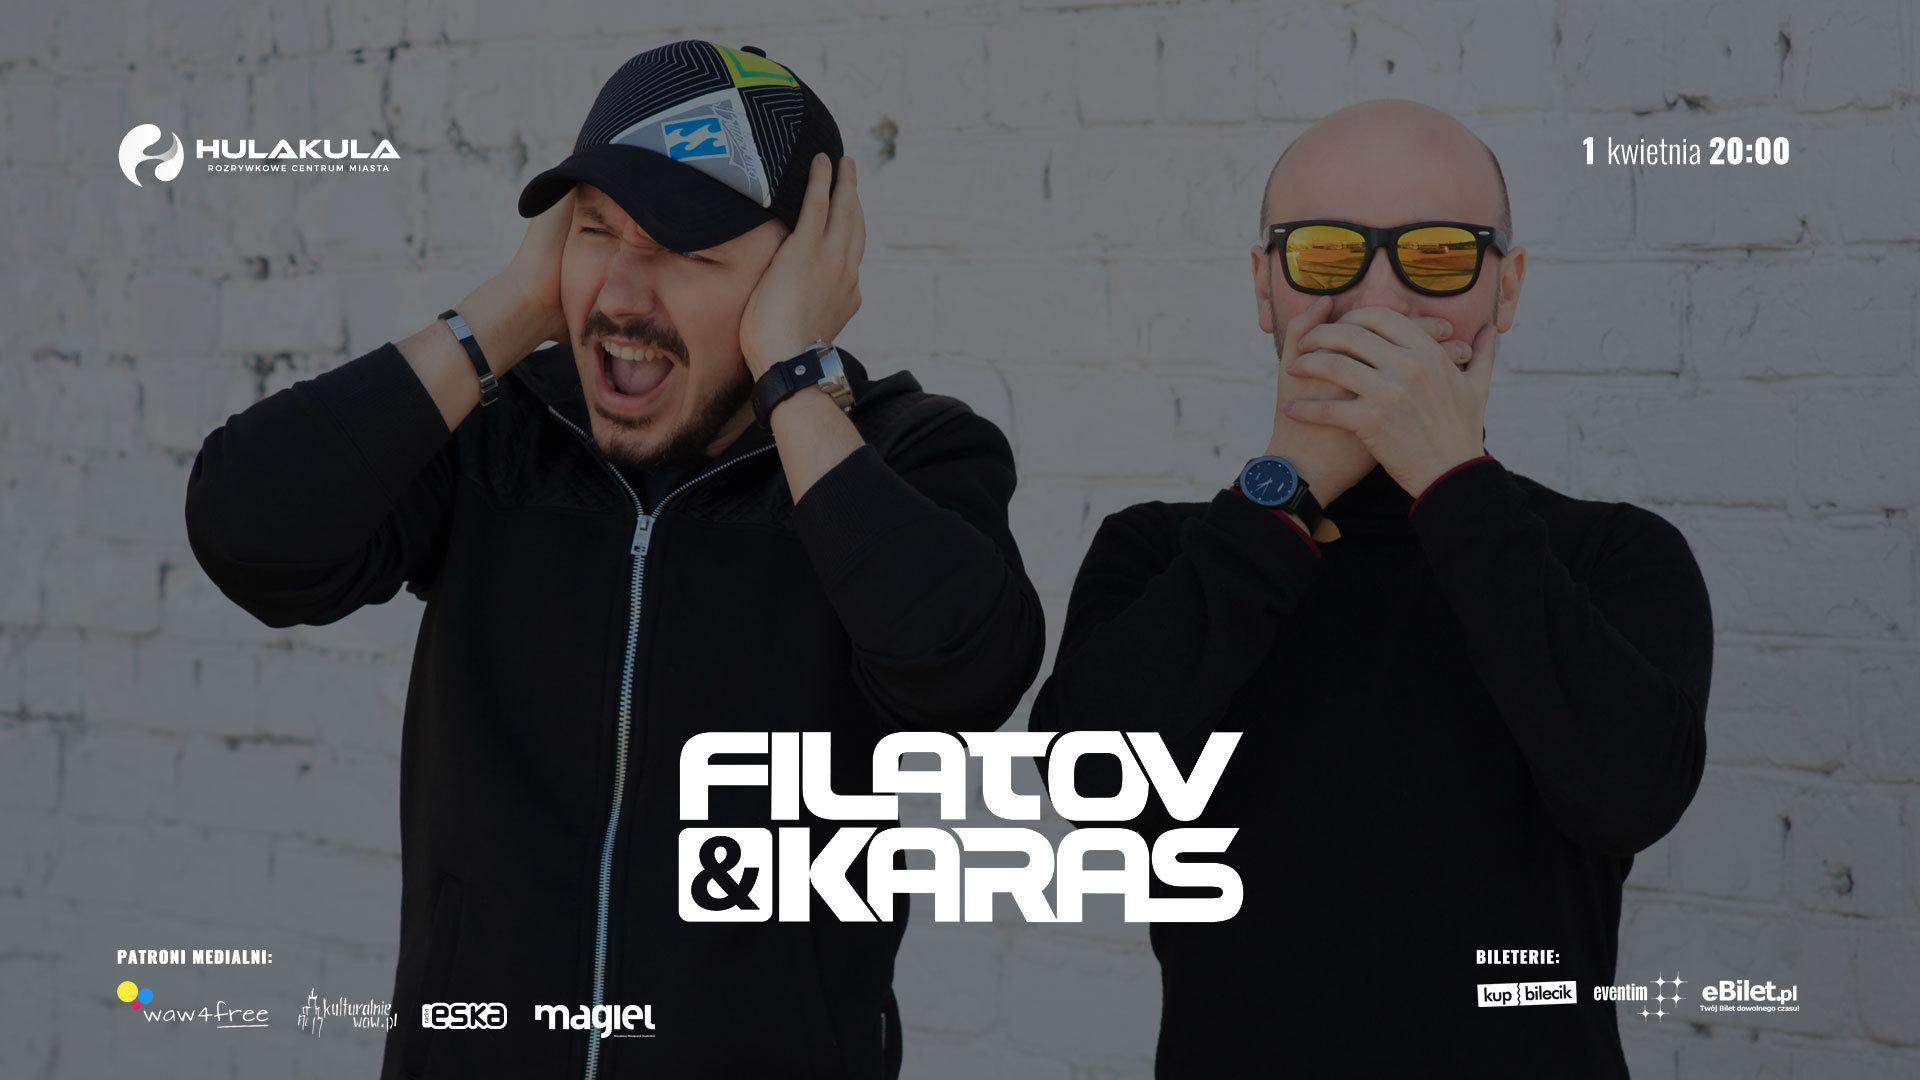 Filatov & Karas w Niedzielę Wielkanocną wystąpią w Hulakula - Rozrywkowe Centrum Miasta